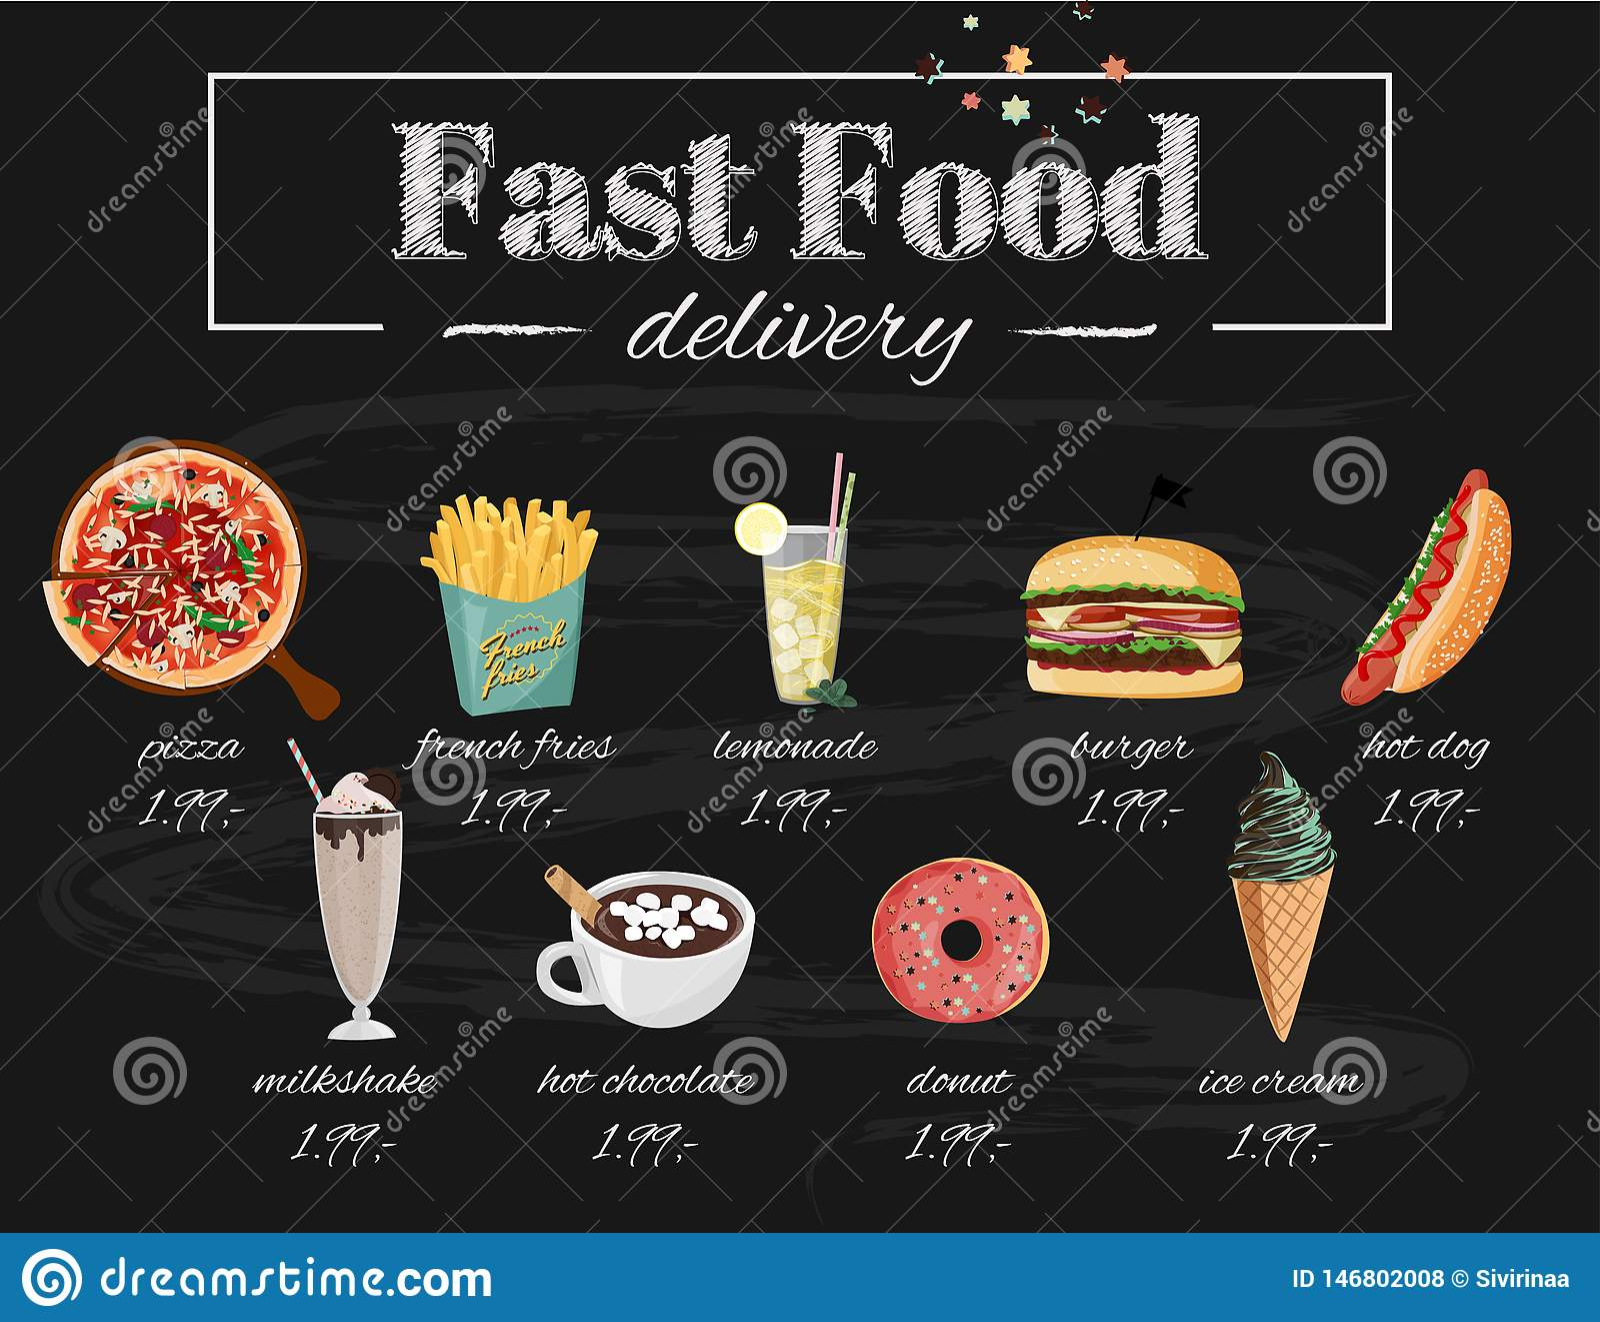 Illustration f?r snabbmatkaf?meny St?ll in av utdragna vektorm?l f?r hand Pizza varmkorv, hamburgare, milkshake, varm choklad